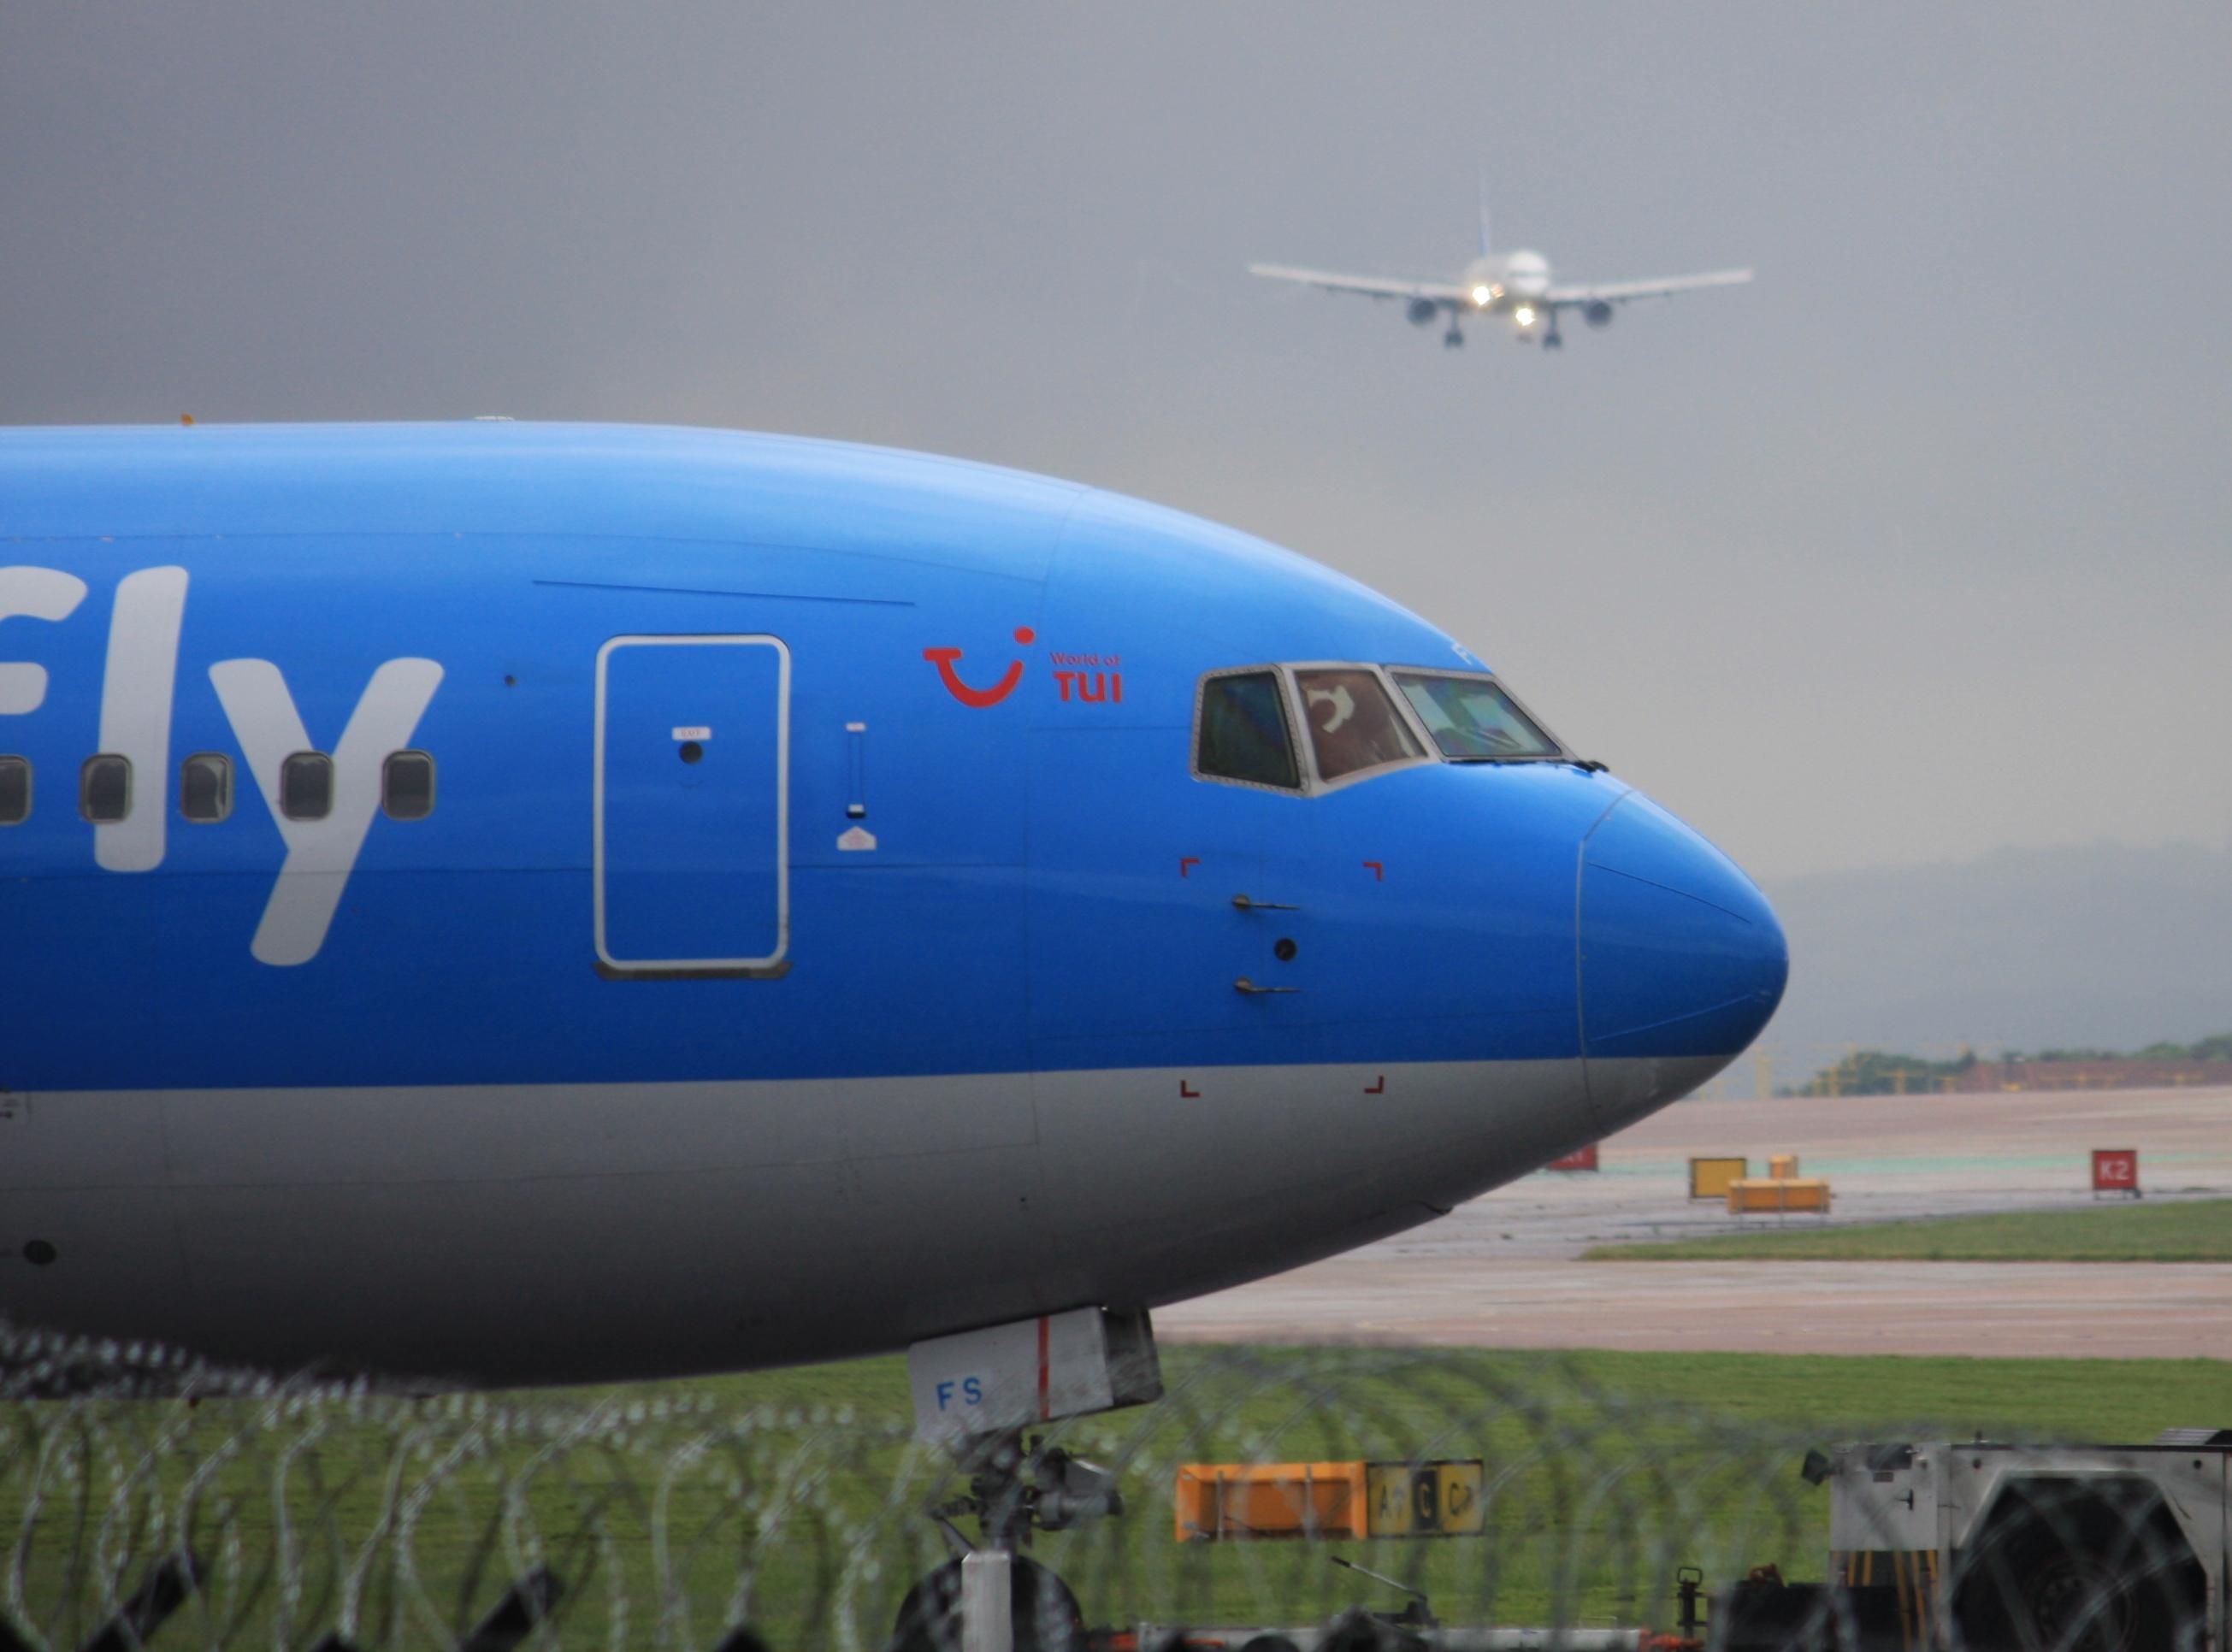 File:SE-RFS Boeing 767-304 ER (cn 28040 613) TUIfly Nordic